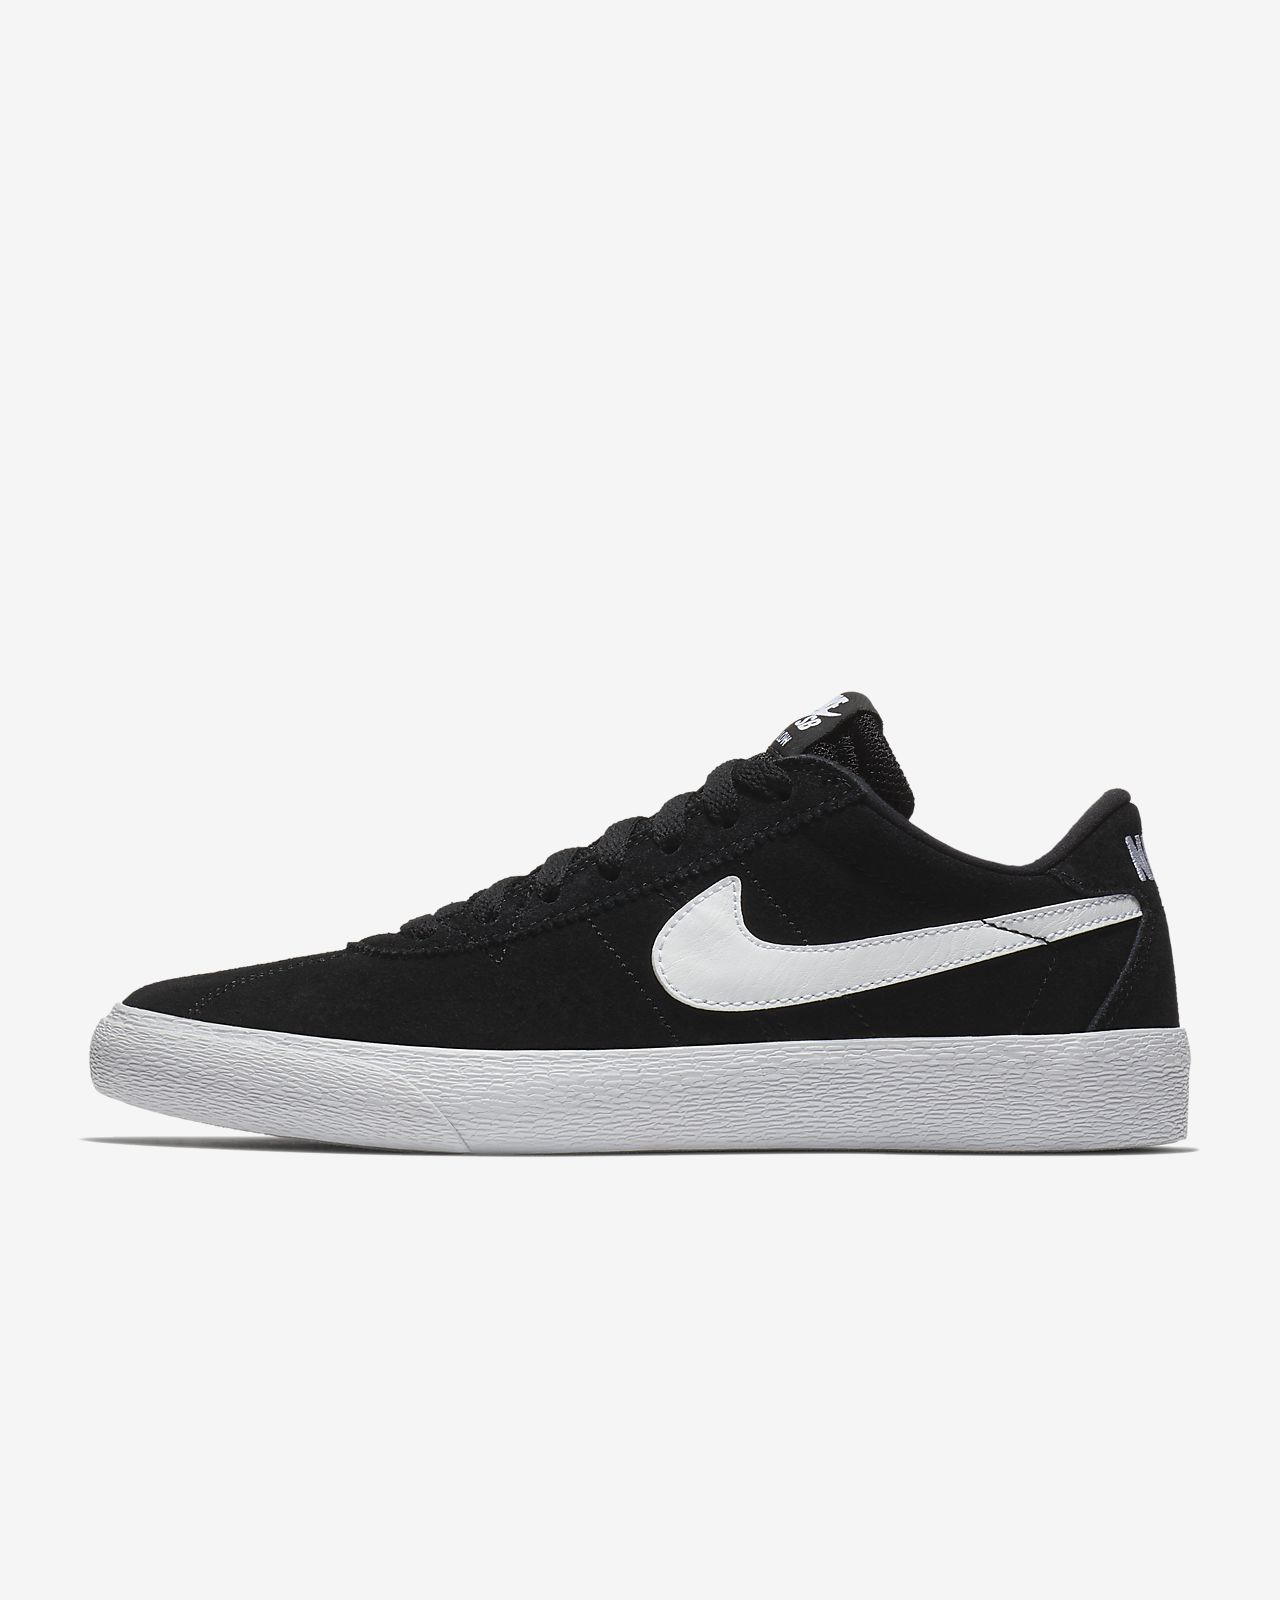 on sale 74d86 34cc2 ... Nike SB Zoom Bruin Low Zapatillas de skateboard - Mujer